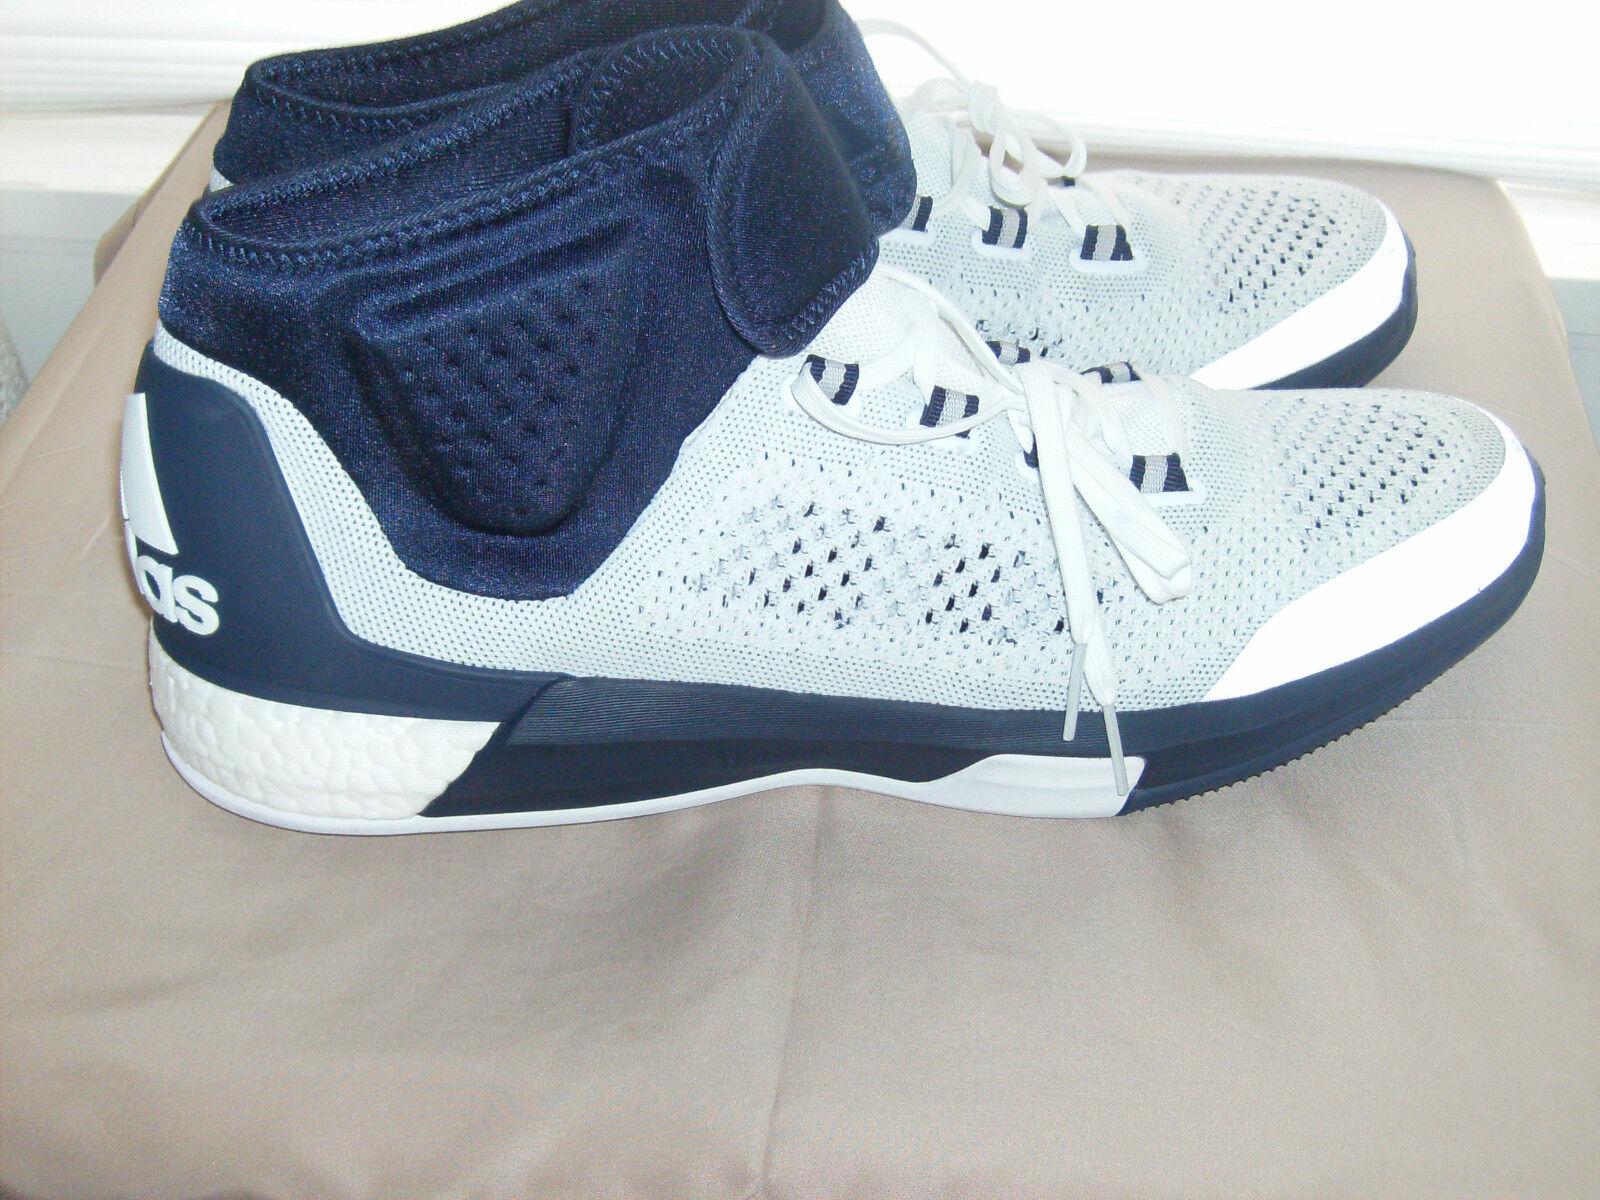 adidas männer crazylight auftrieb für basketball - - schuh weiß / blau - - 17 neue cb5d41